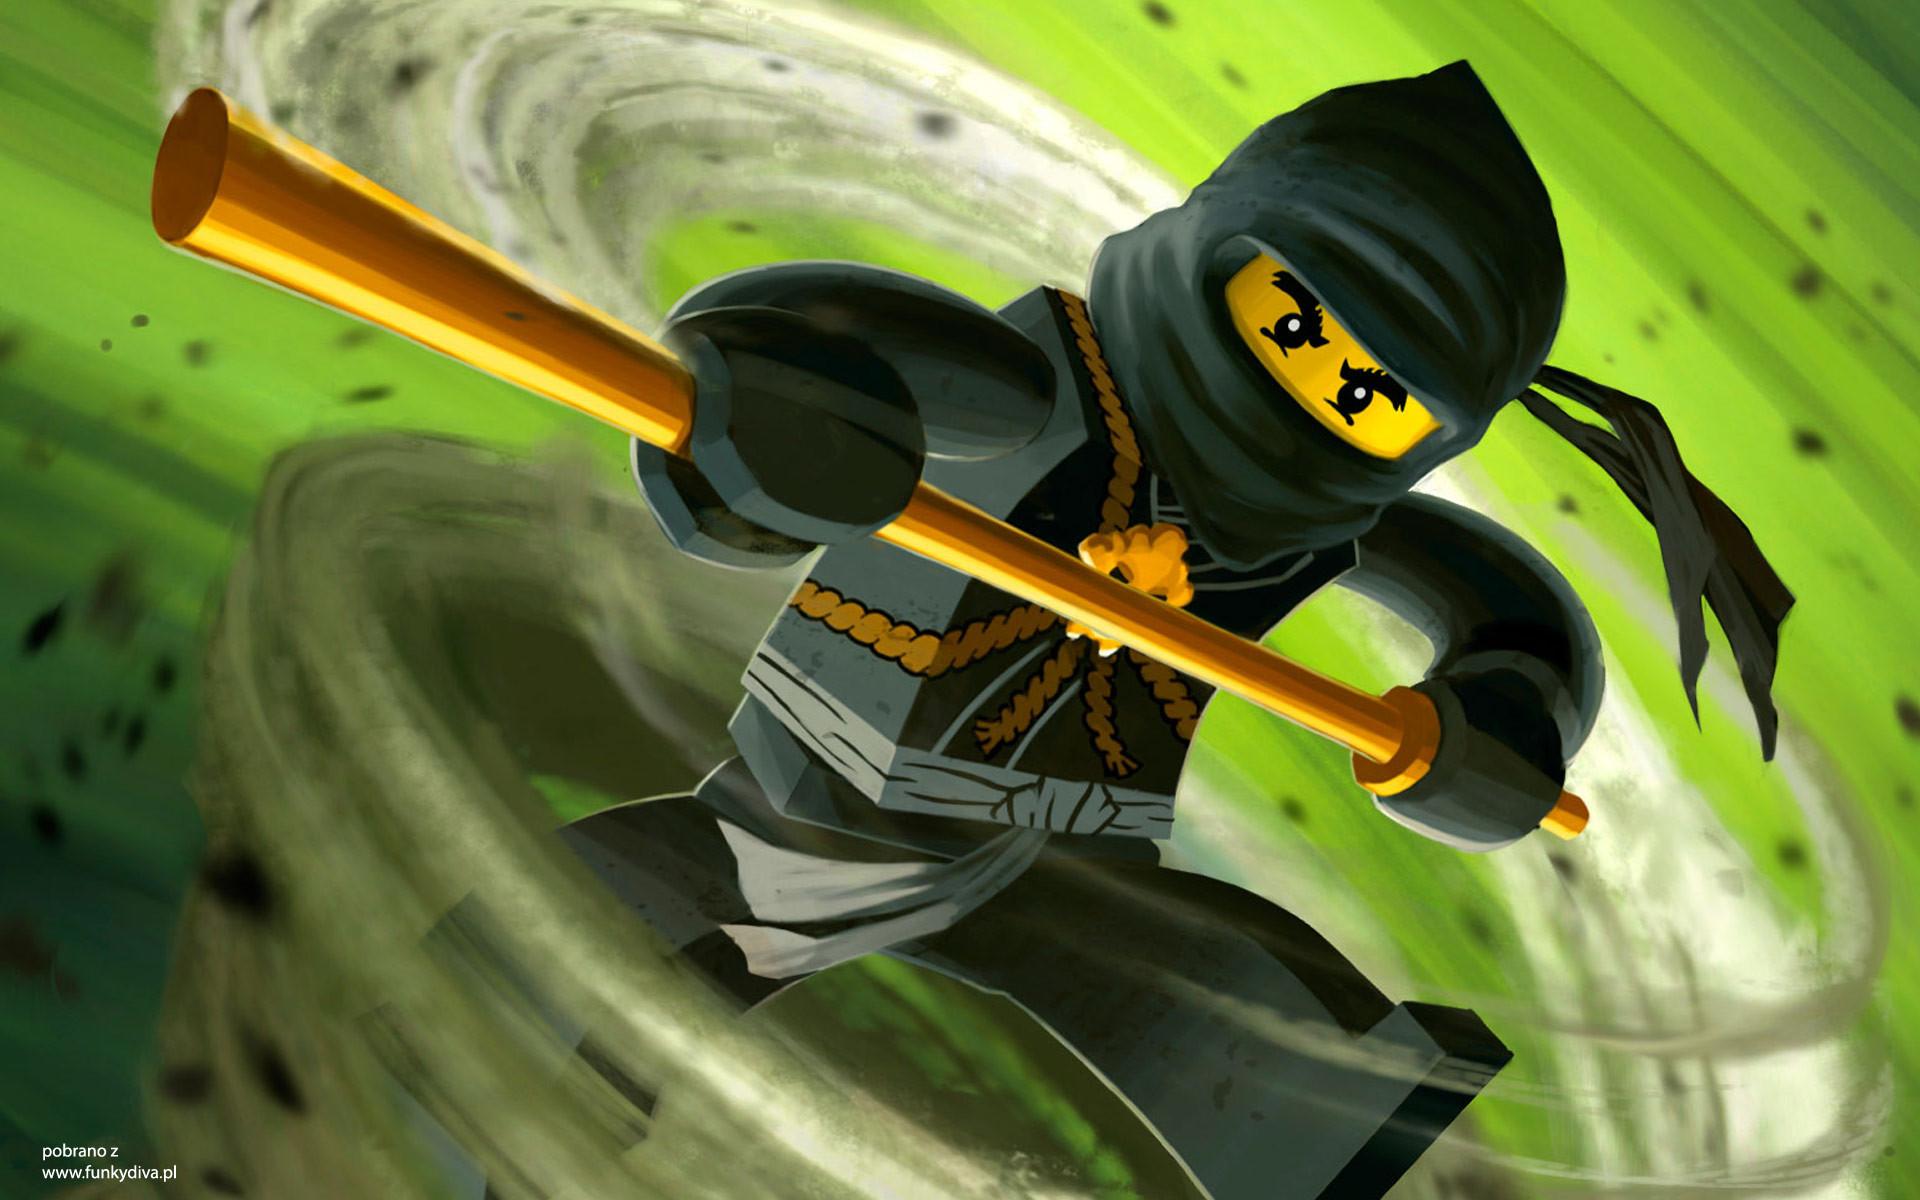 lego-ninjago-wallpapers-hd – FD